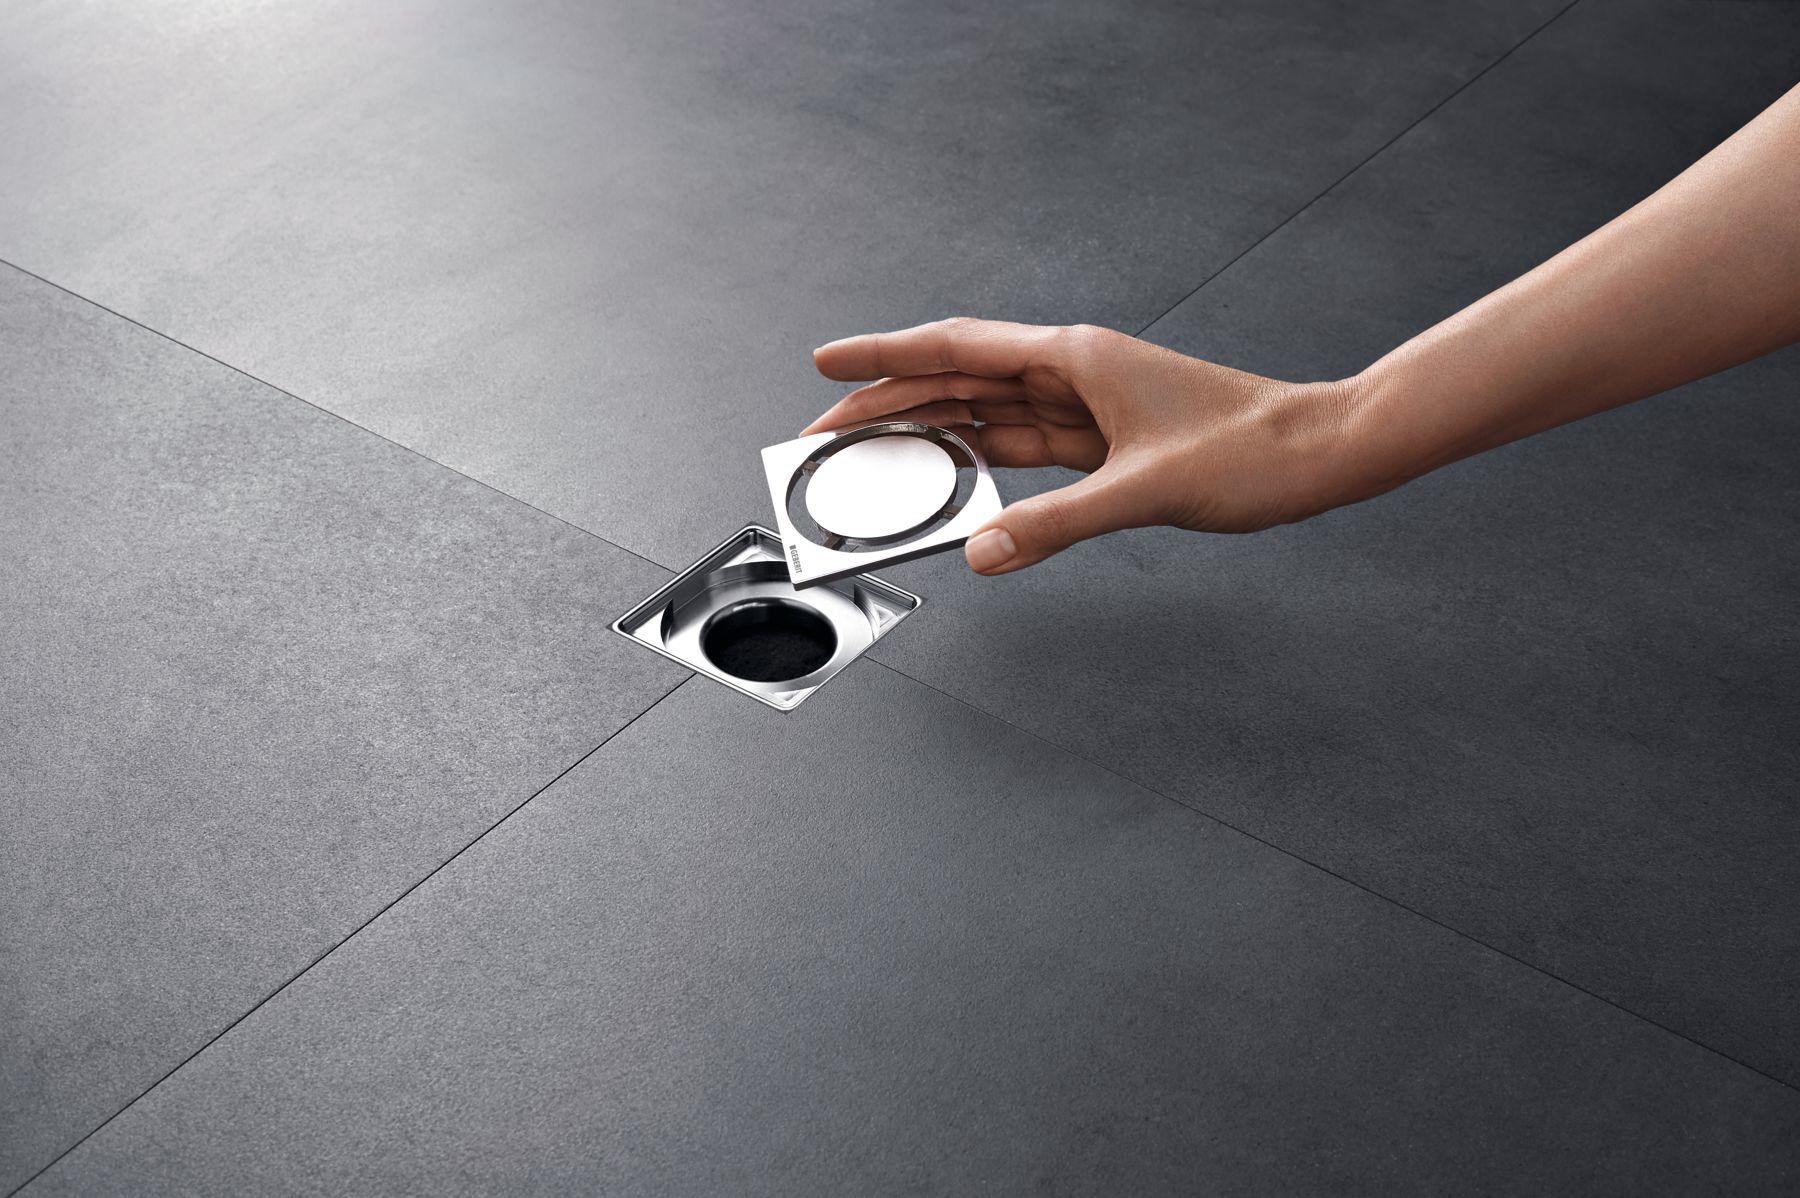 Kleine design vloerput van Geberit